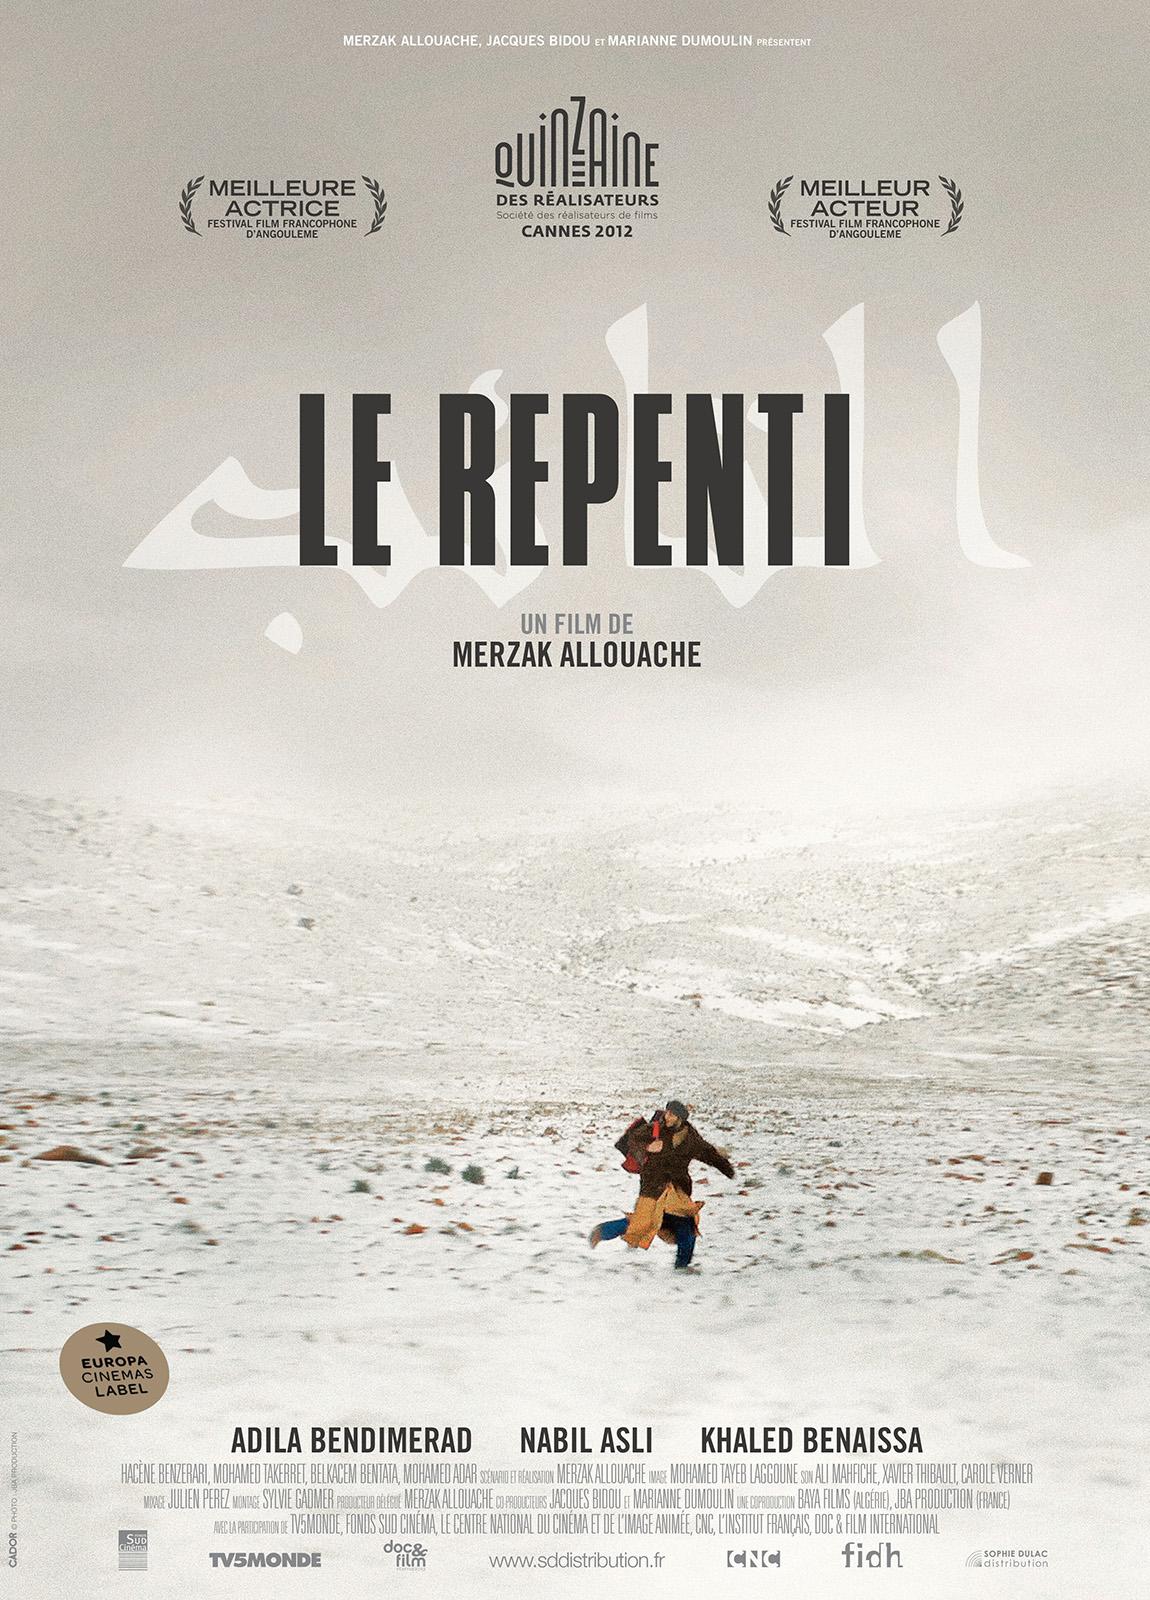 Le Repenti (Film Algérien) sur la décennie noire